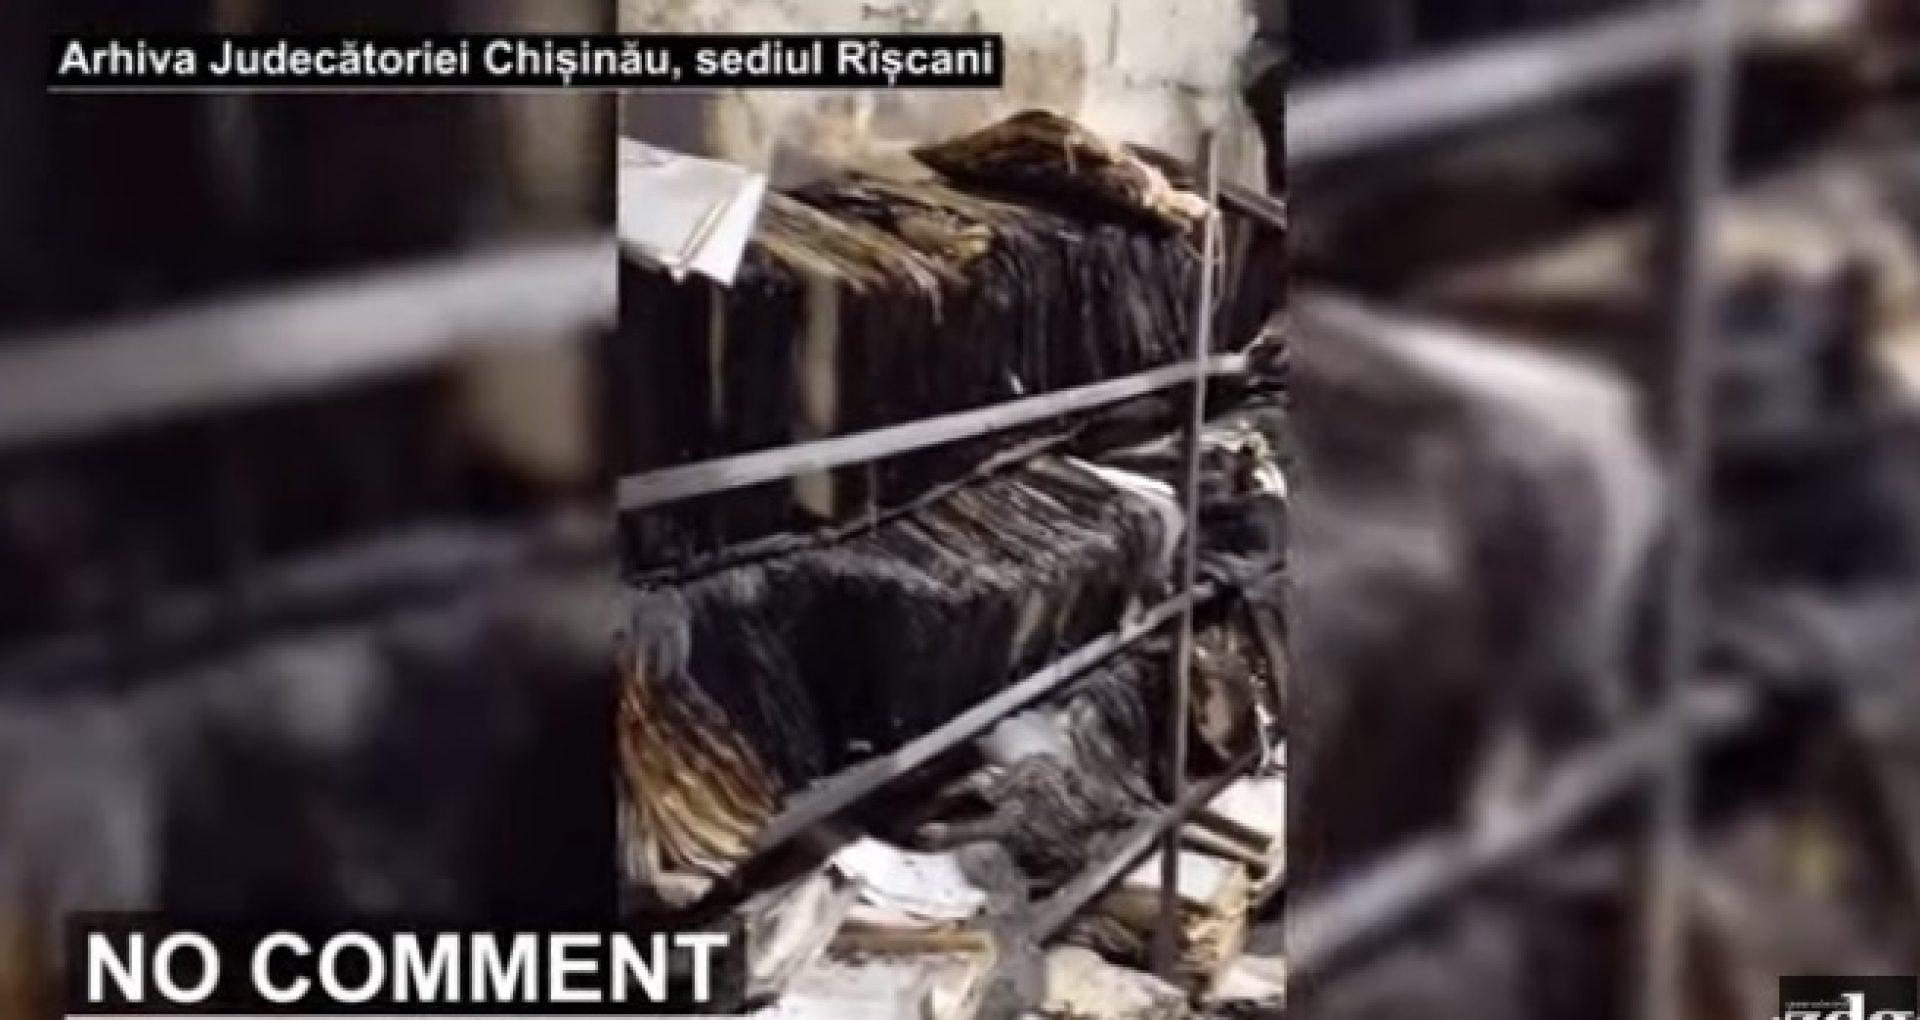 VIDEO/ Cum arată arhiva Judecătoriei Chișinău, sediul Rîșcani: documente aruncate pe jos într-o încăpere cu pereți goi